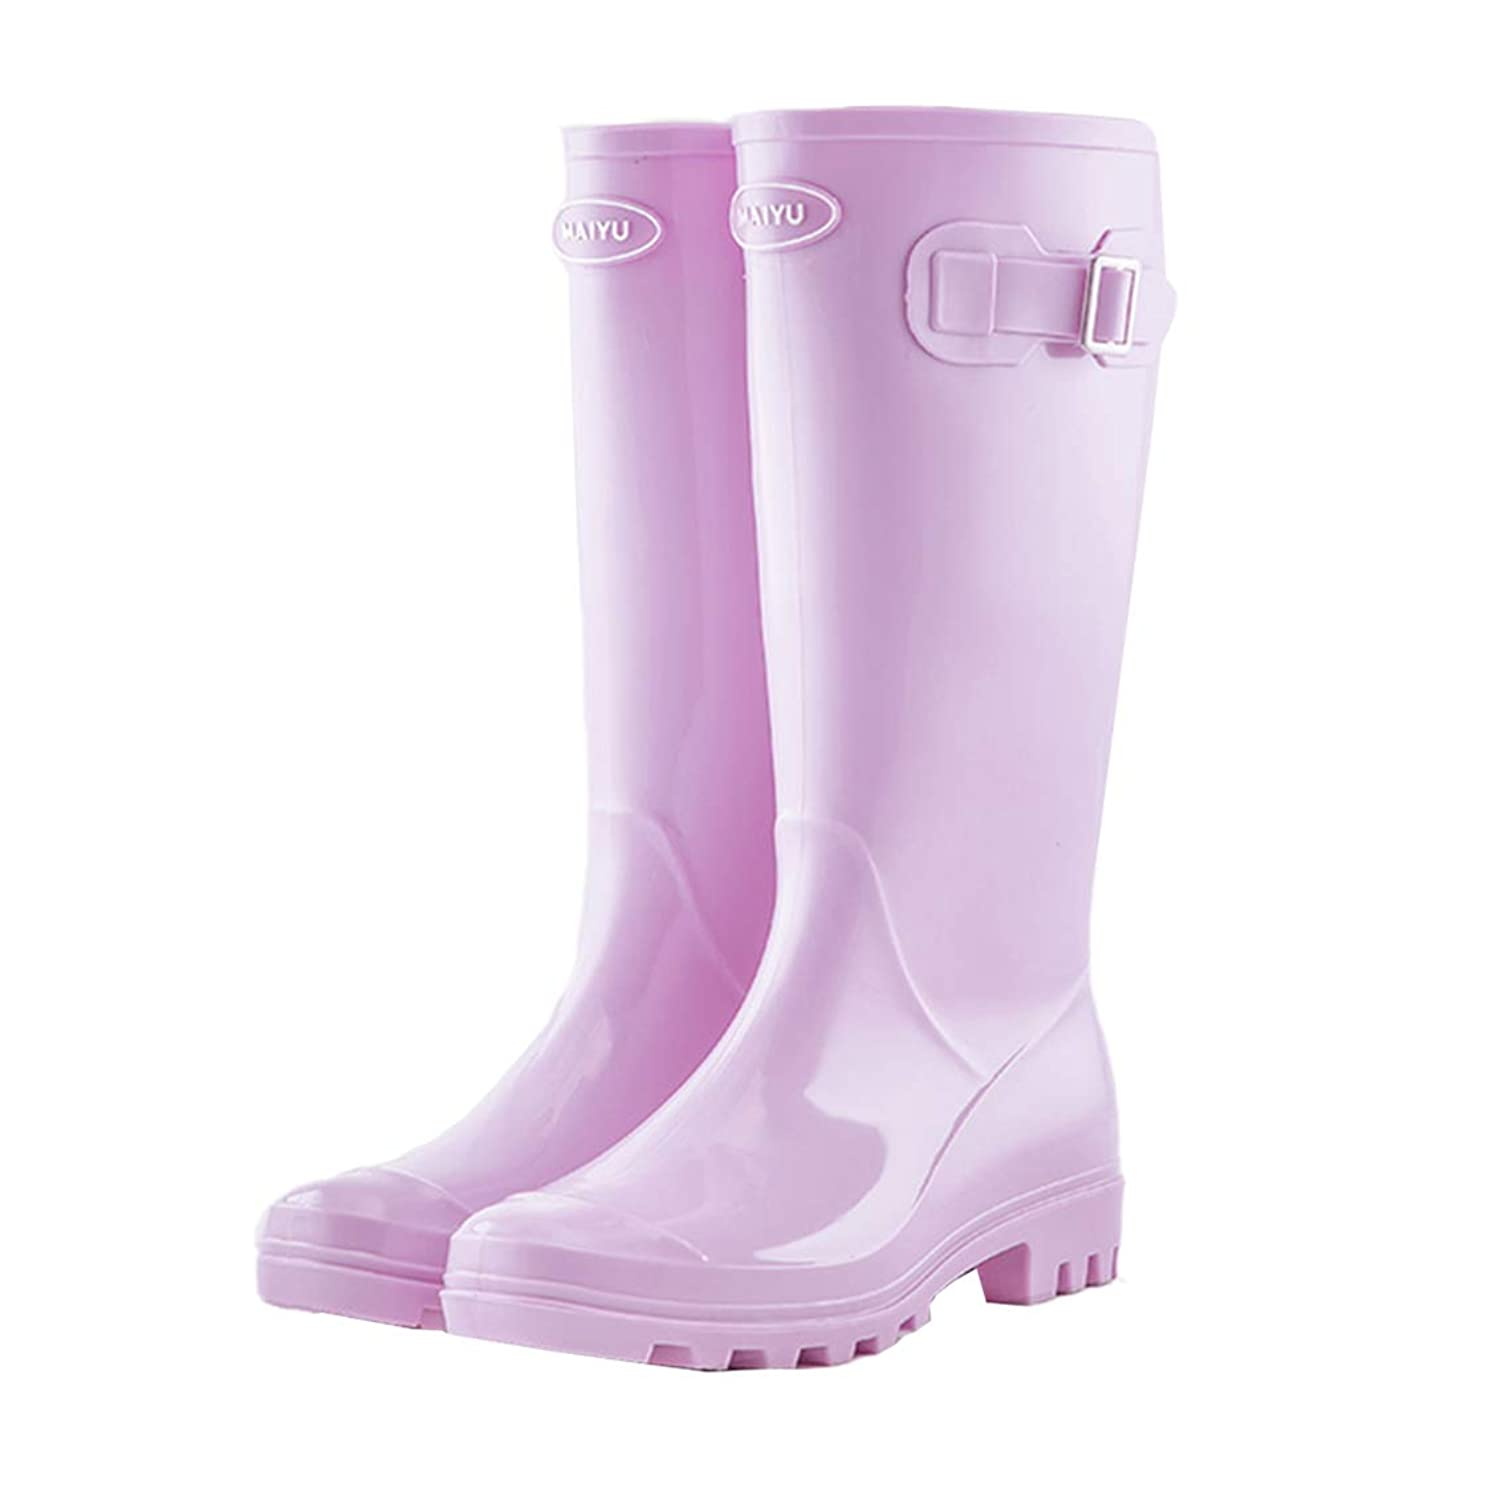 あなたは頭痛ひばり[Cnstone] レインブーツ レディース ロング 筒高 長い レインシューズ ラバーブーツ 雨靴 長靴 おしゃれ 無地 防水 梅雨対策